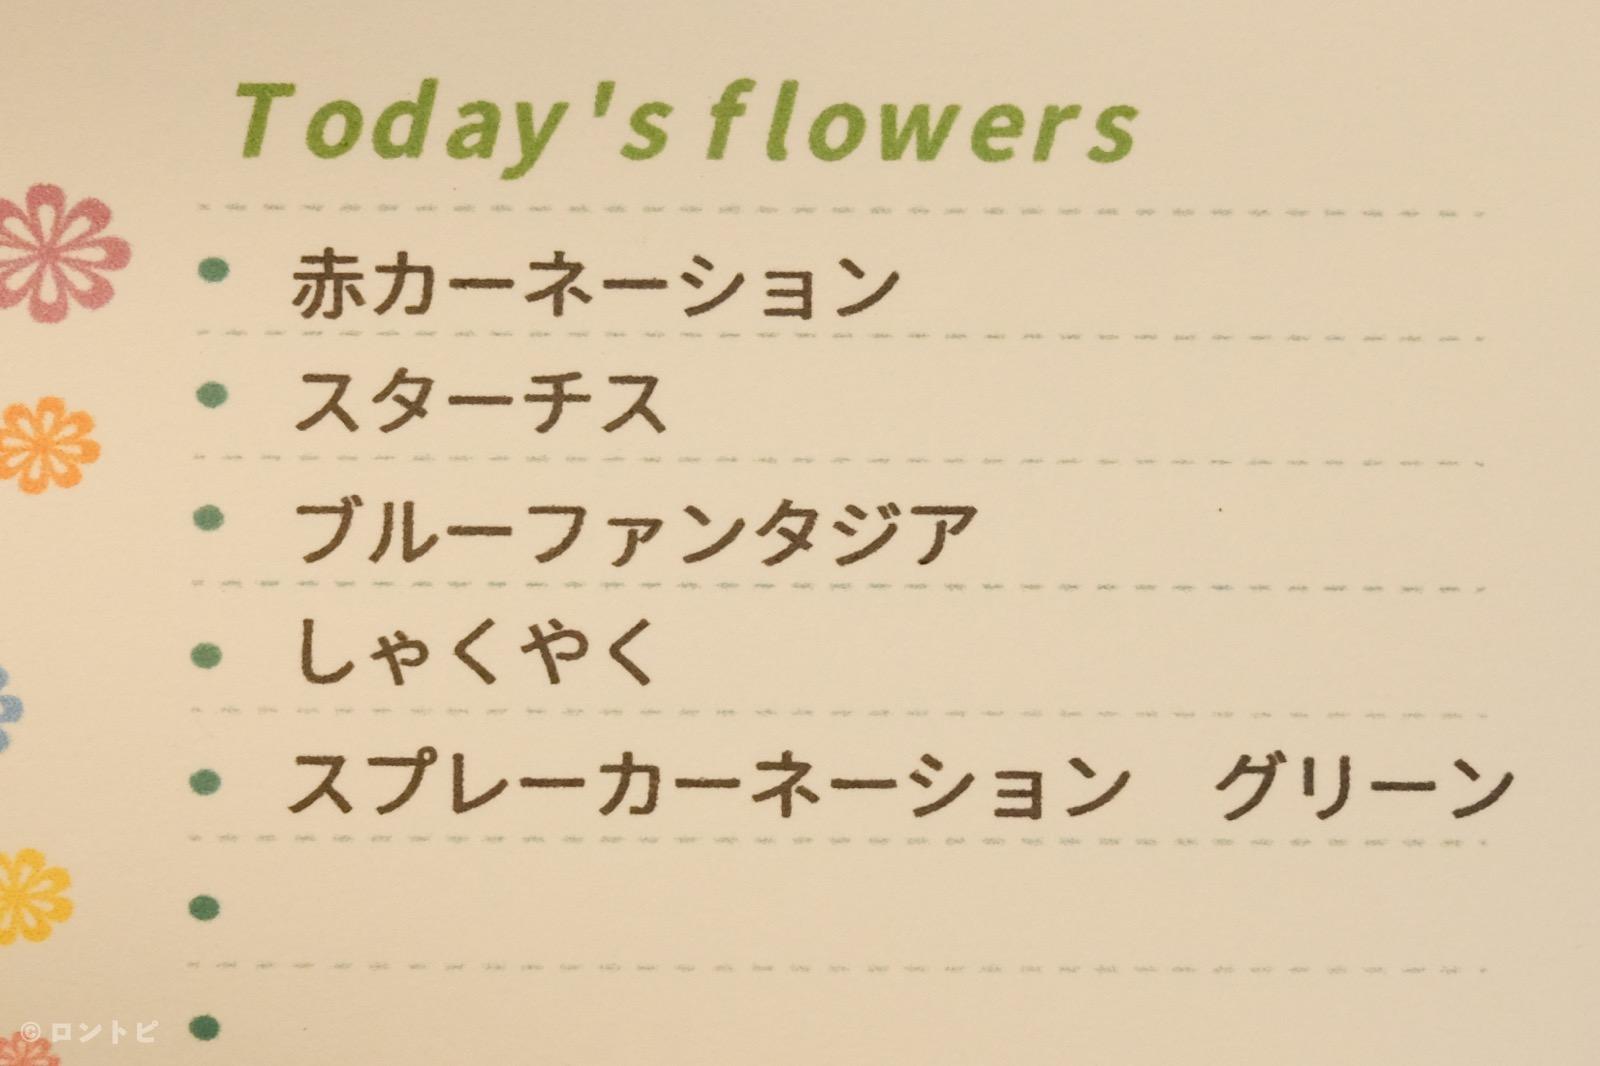 ブルーミーライフ 花の種類